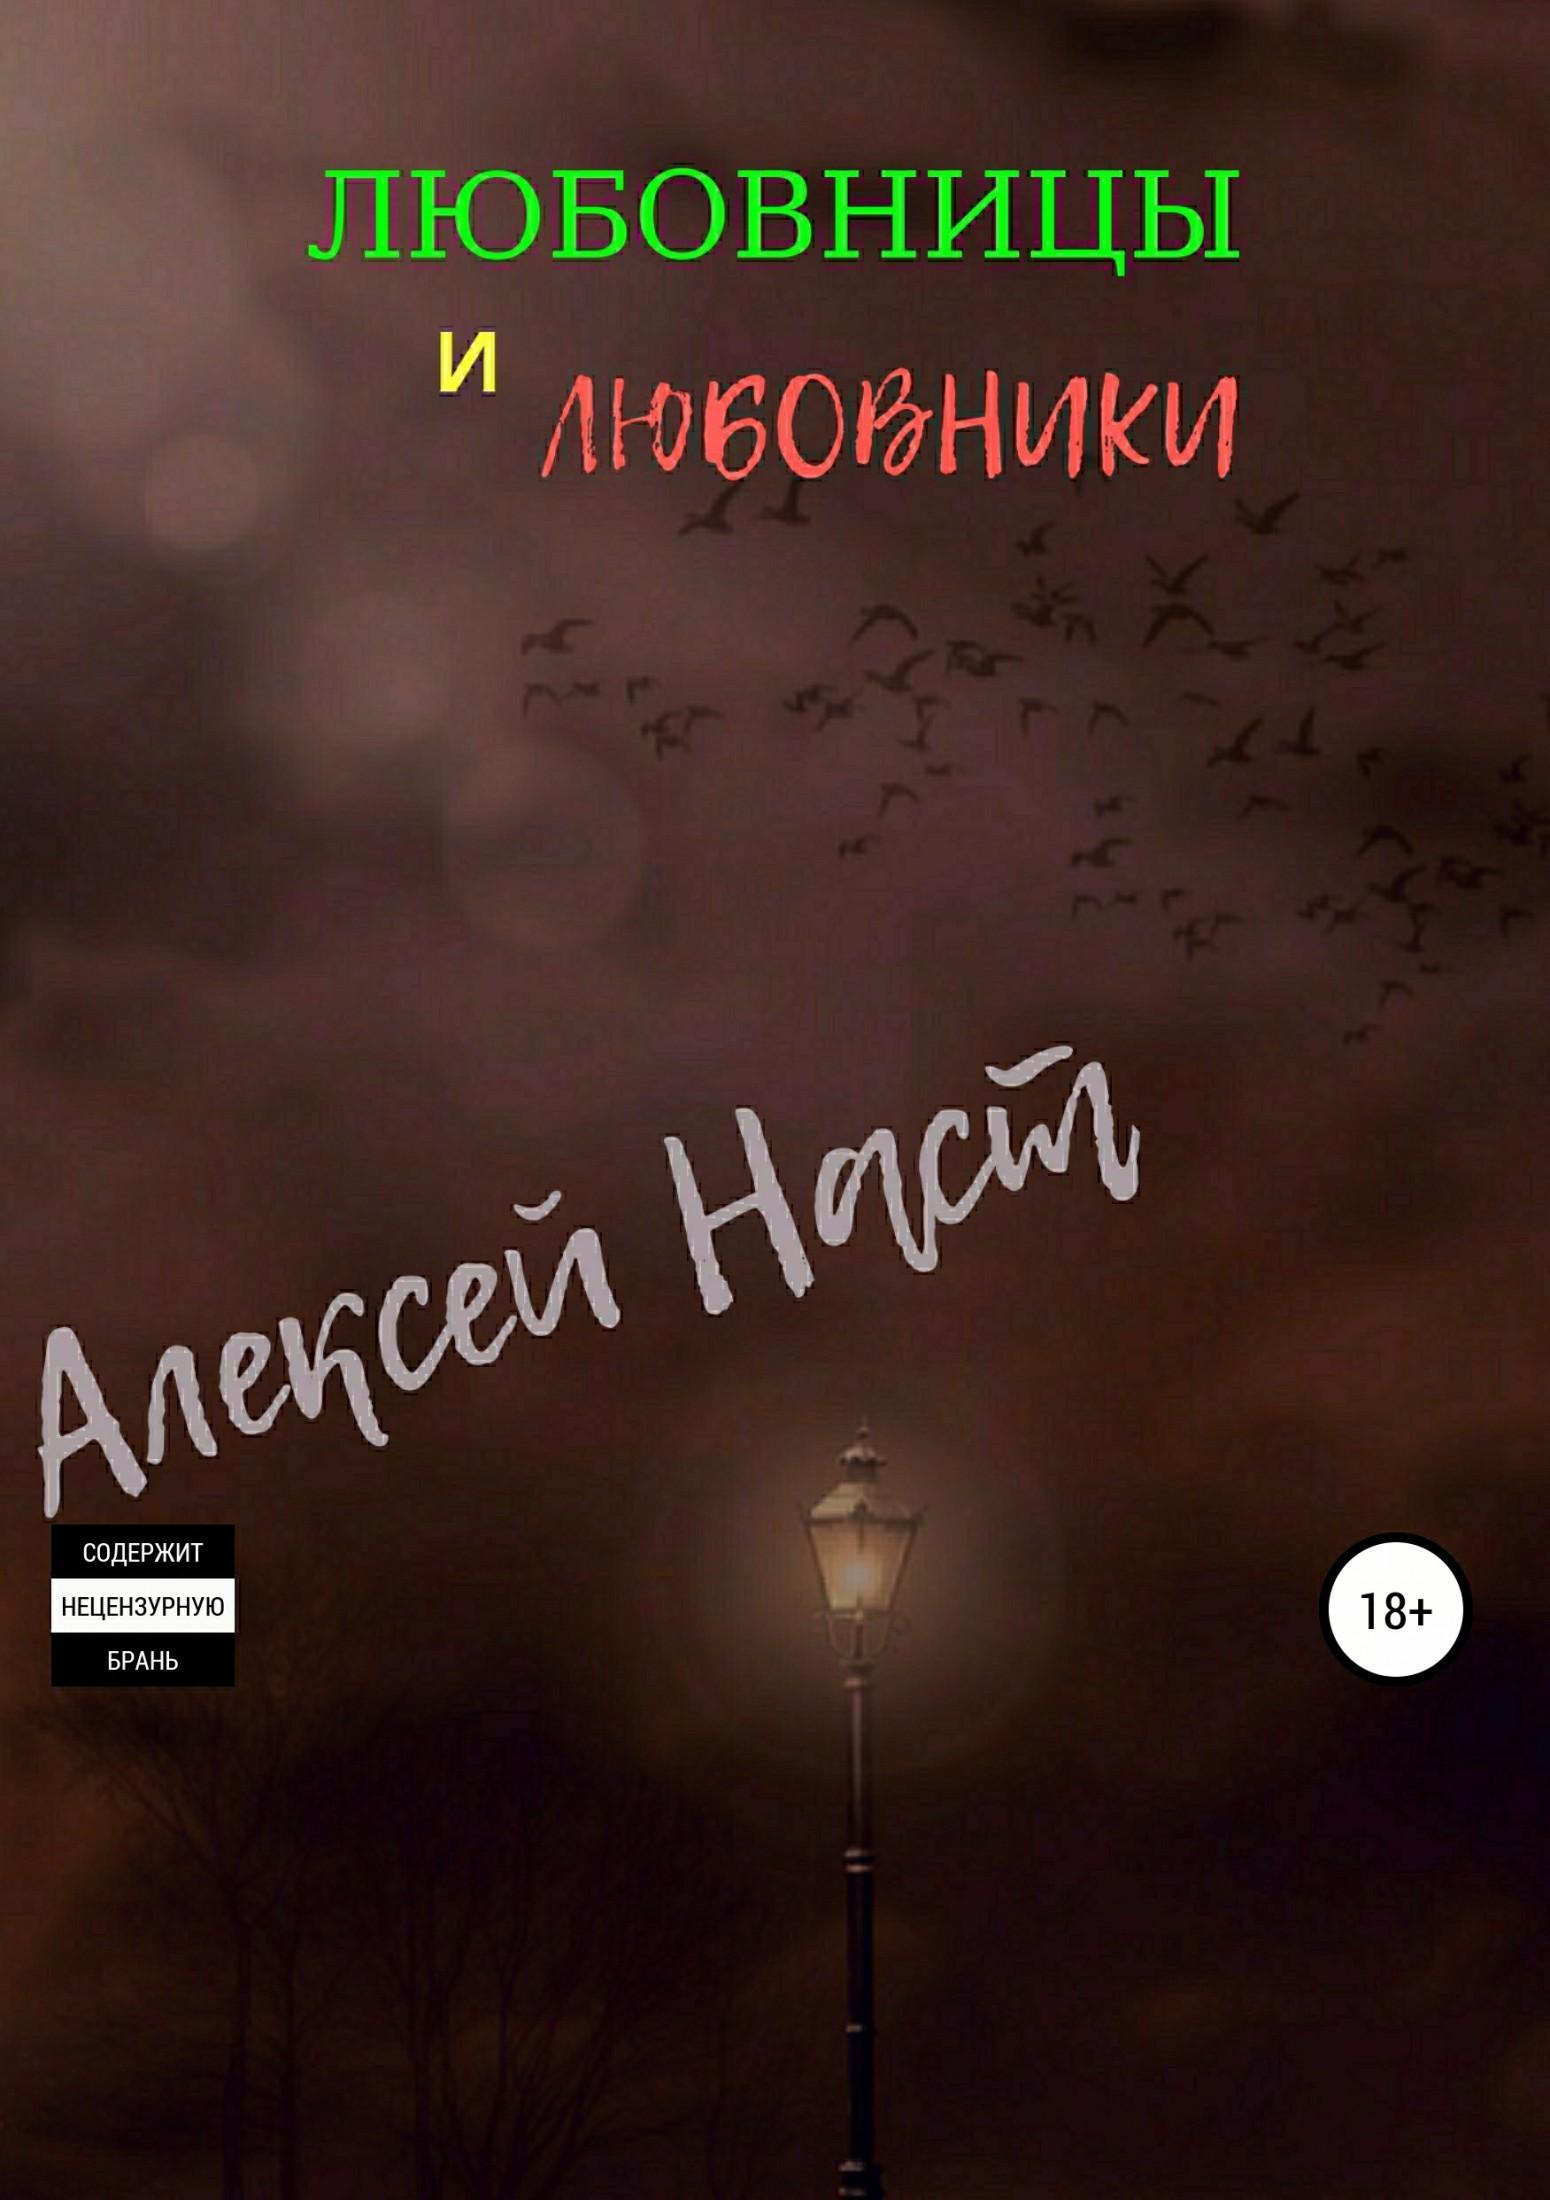 Алексей Наст - Любовницы и любовники